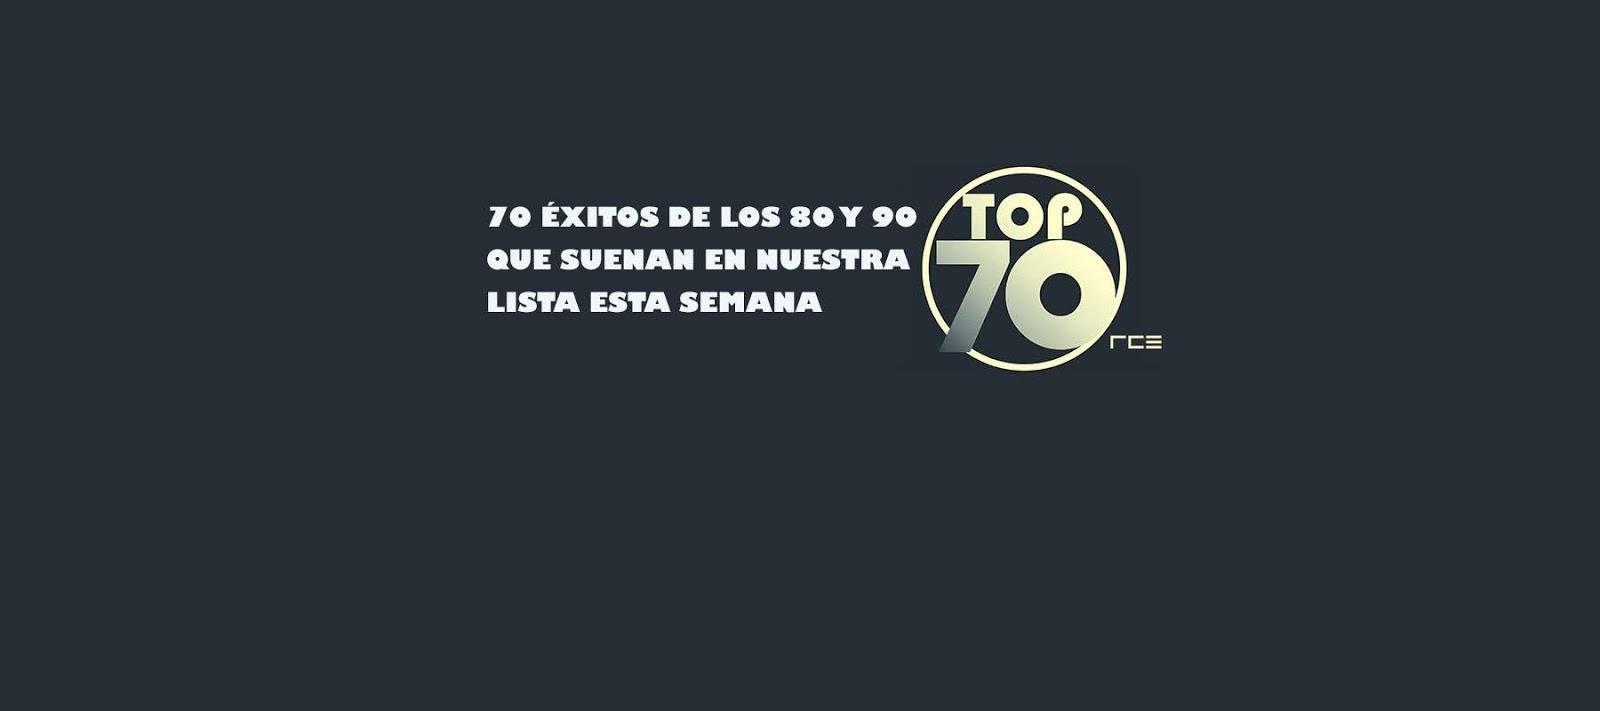 Cada semana 70 éxitos de los 80s y 90s en TOP 70